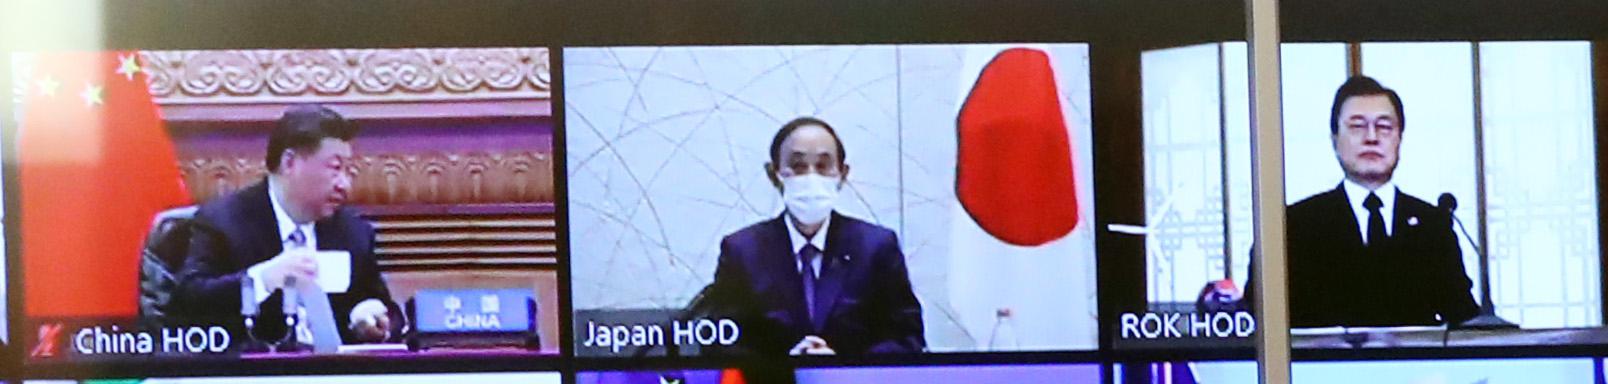 문재인 대통령과 스가 일본총리, 시진핑 중국 국가주석이 22일 화상으로 열린 기후정상회의에 참석해 바이든 대통령의 모두발언을 듣고 있다. 뉴시스